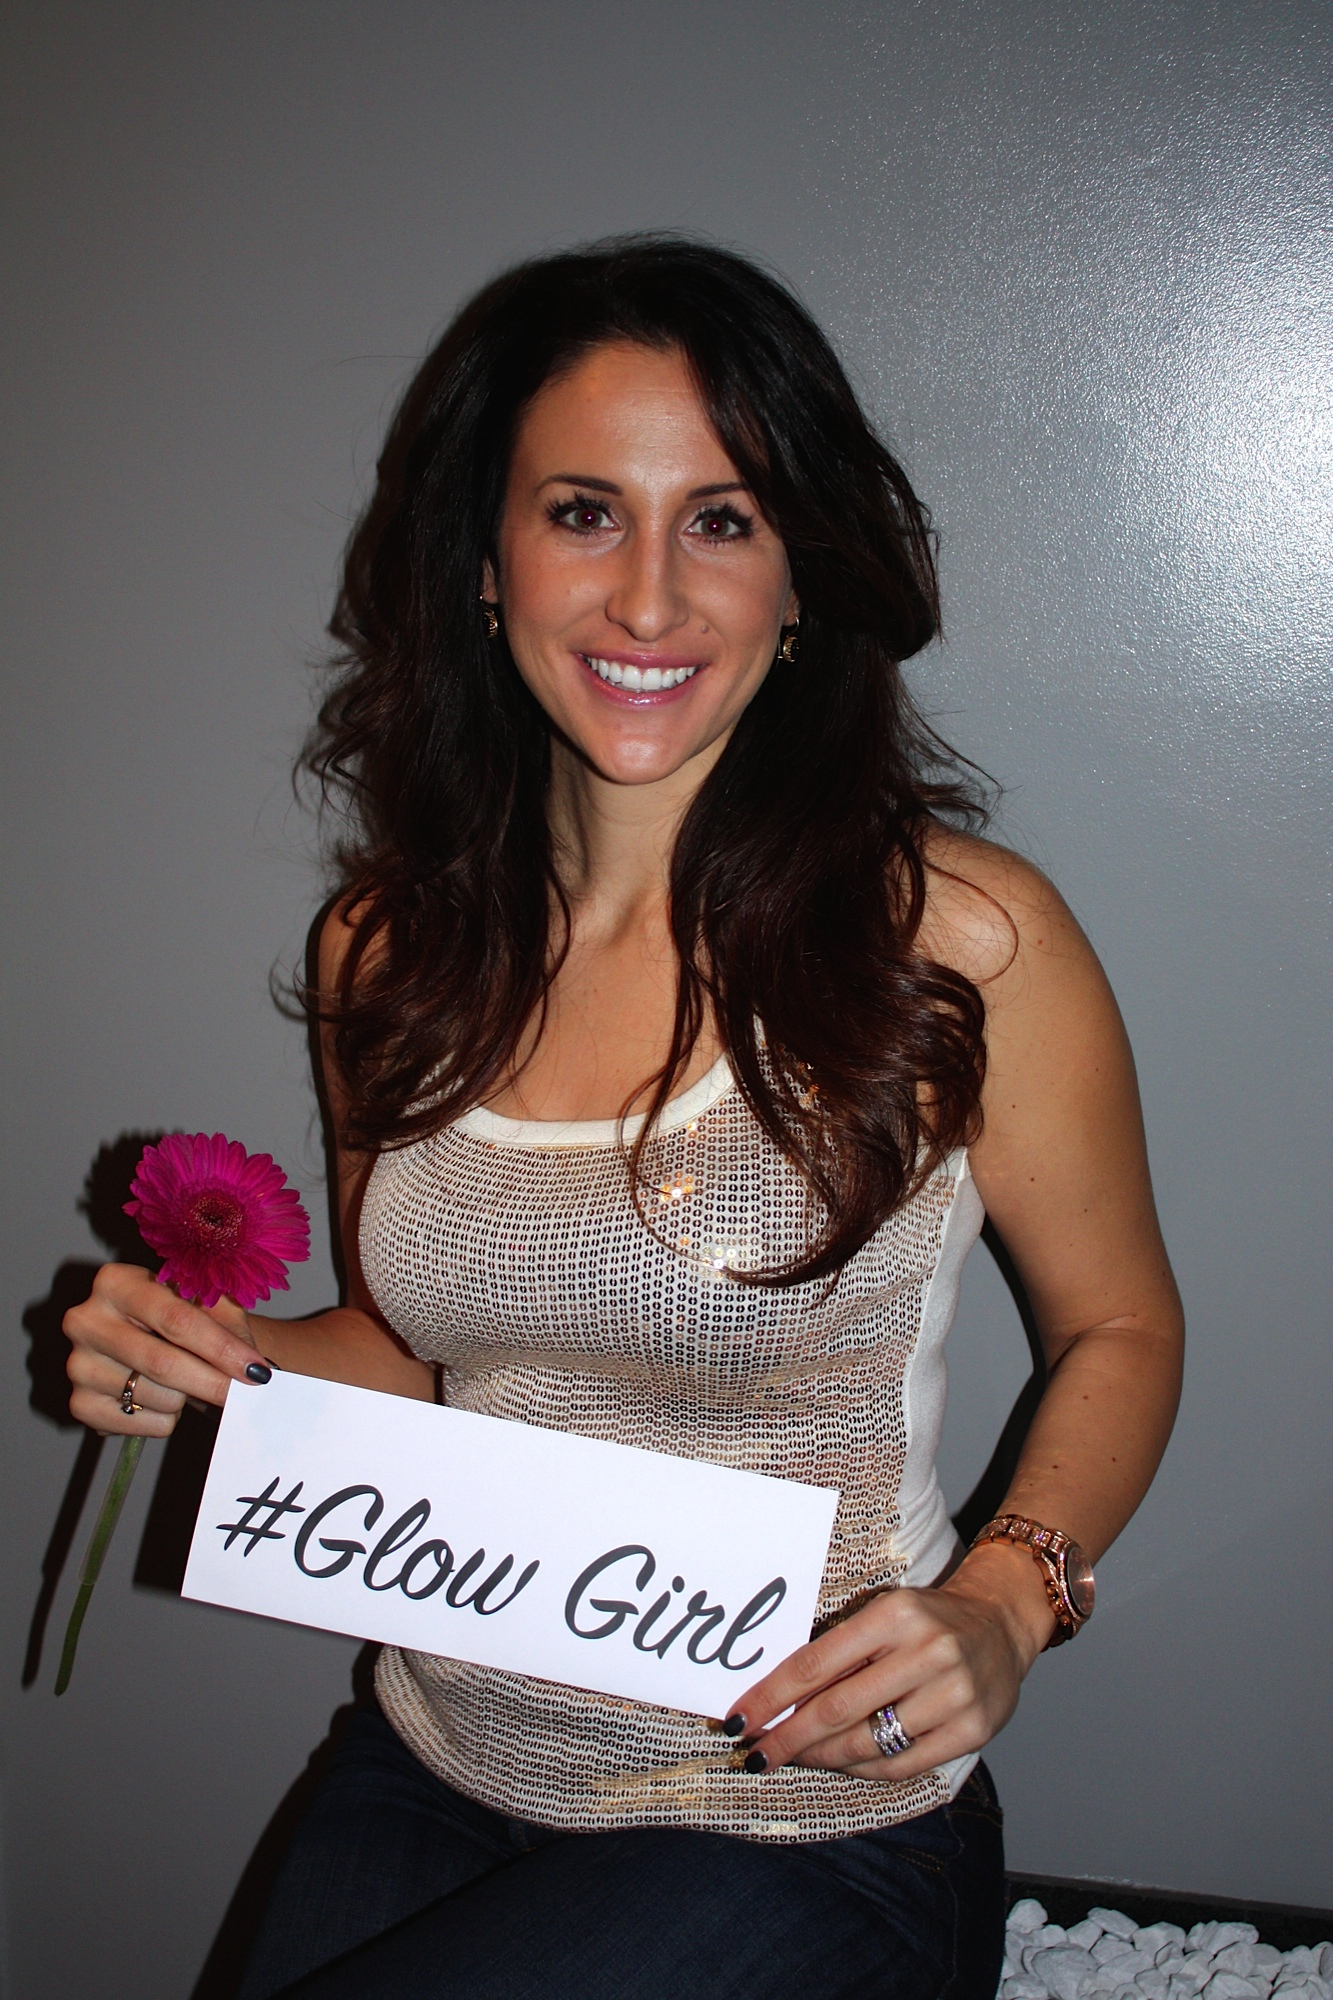 Glow Girl! Leah LaVanway